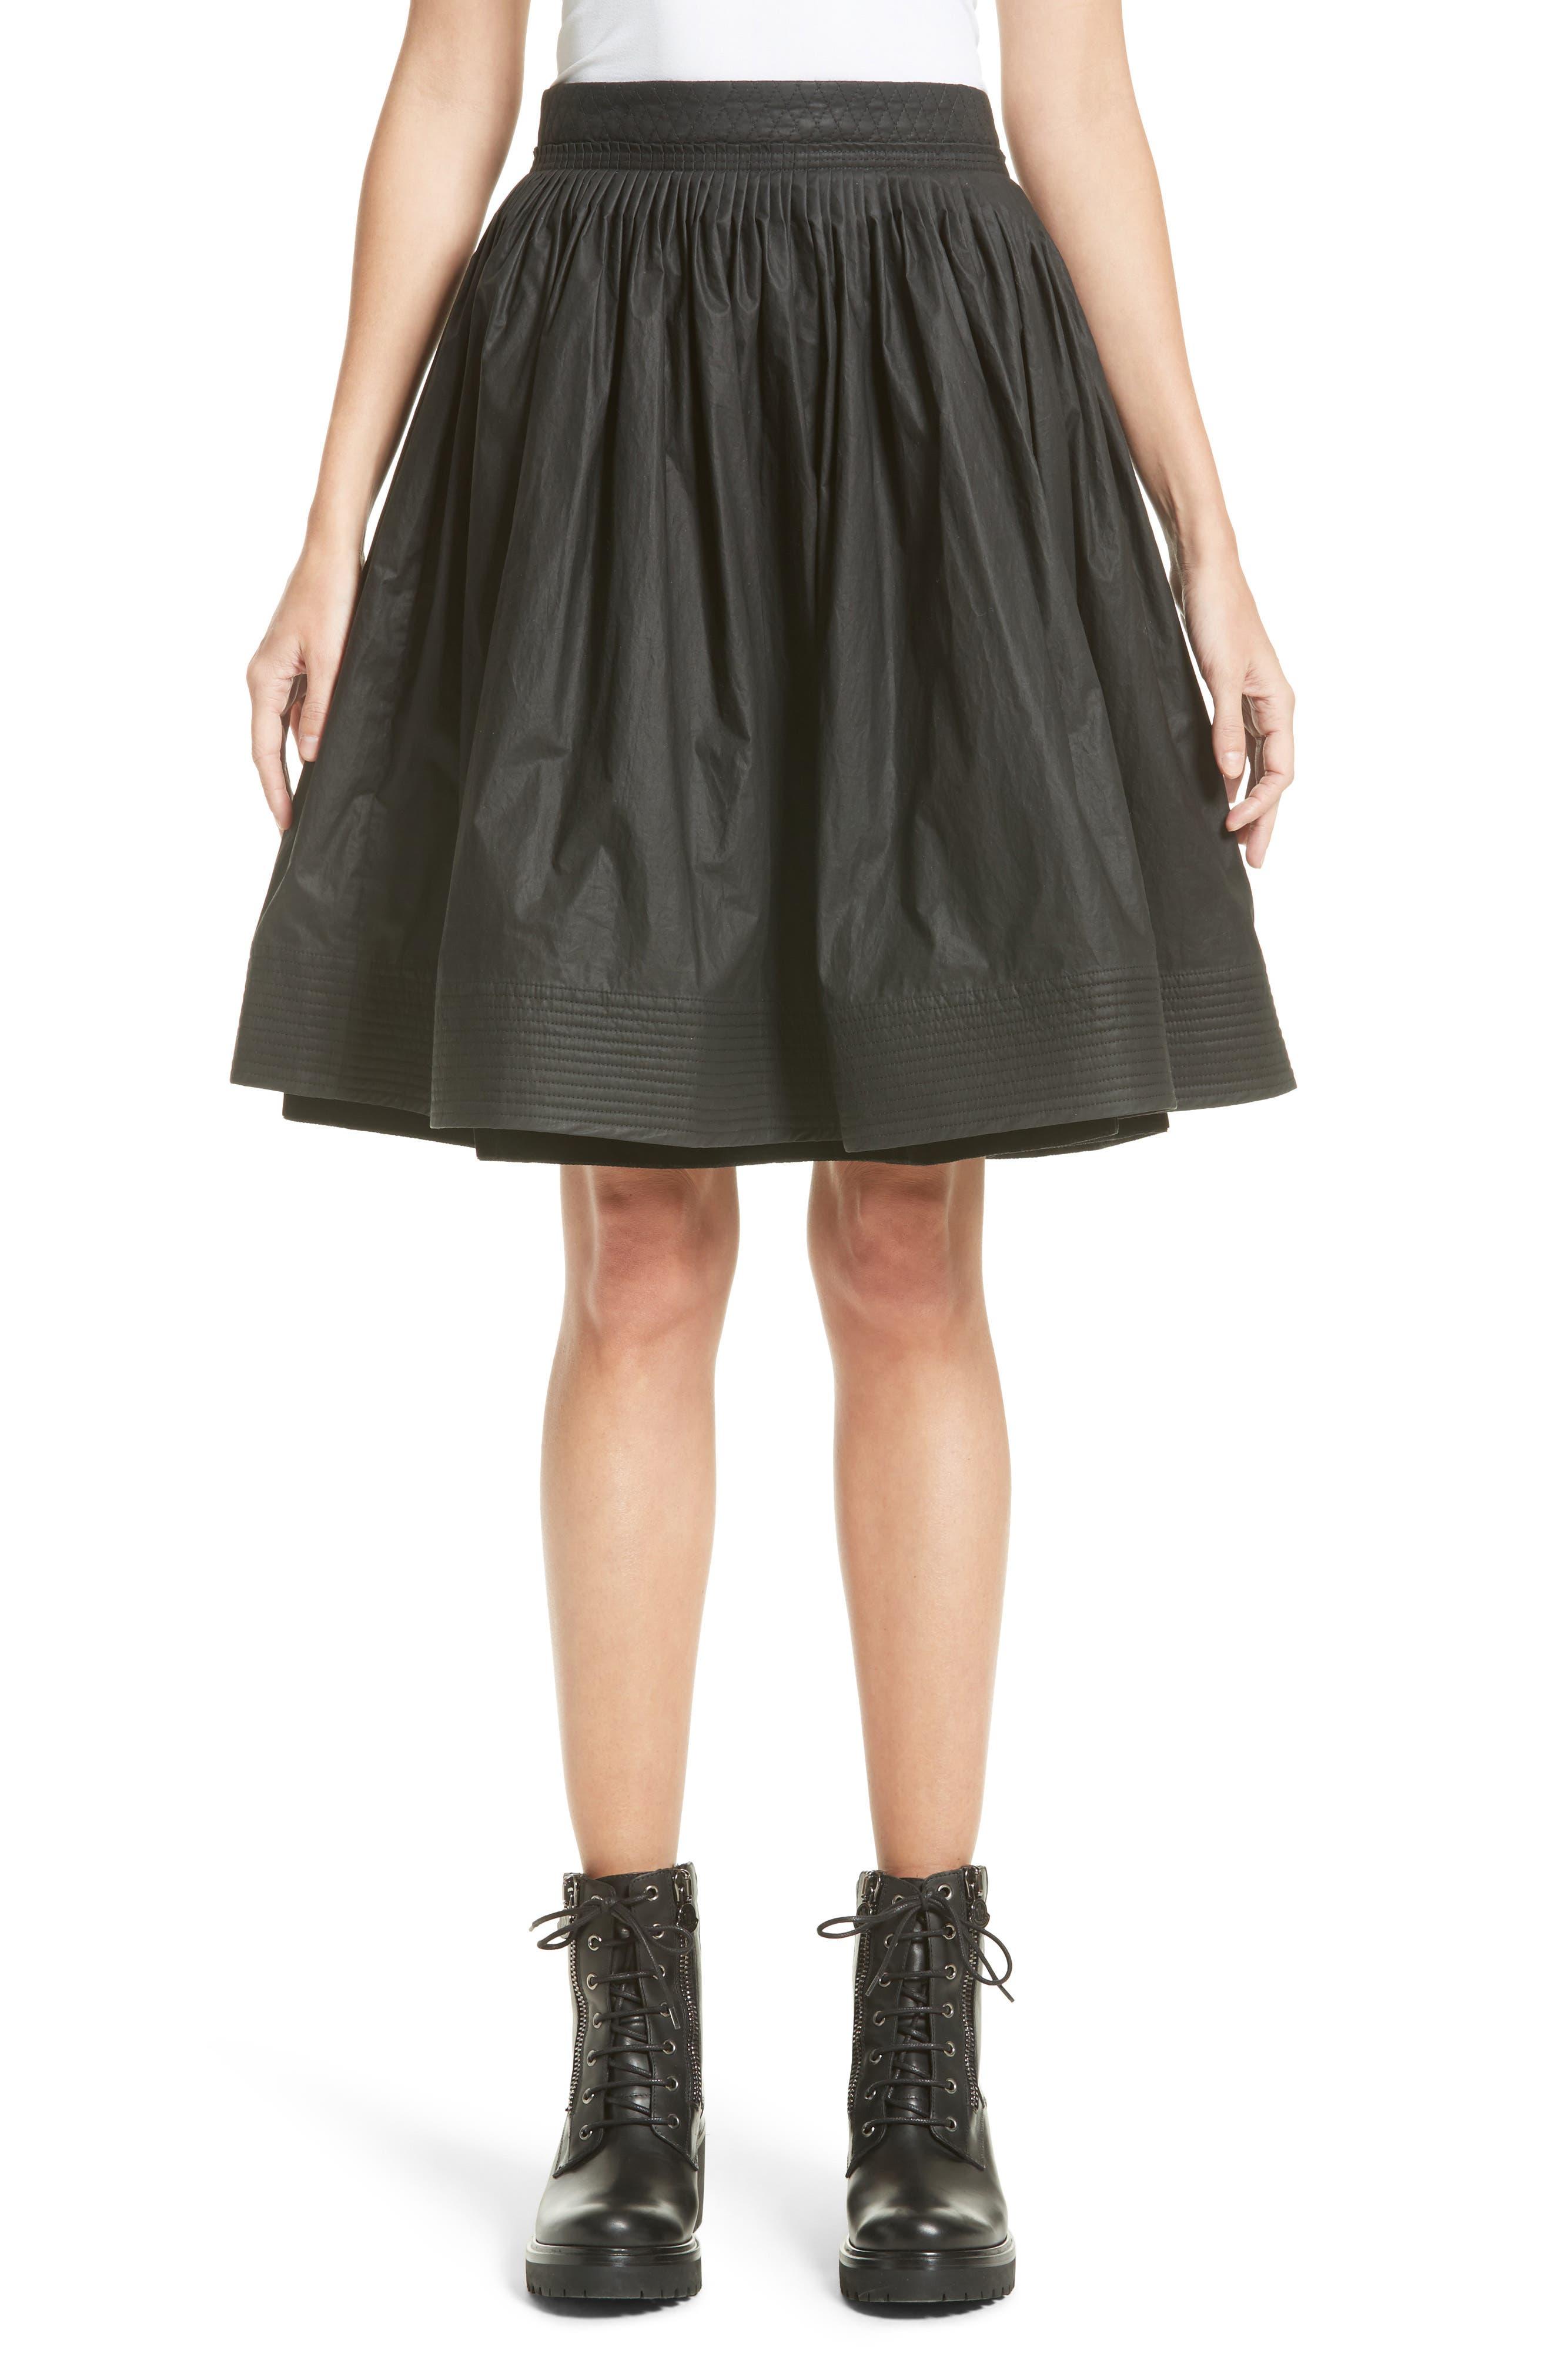 Gonna Cotton A-Line Skirt,                         Main,                         color,